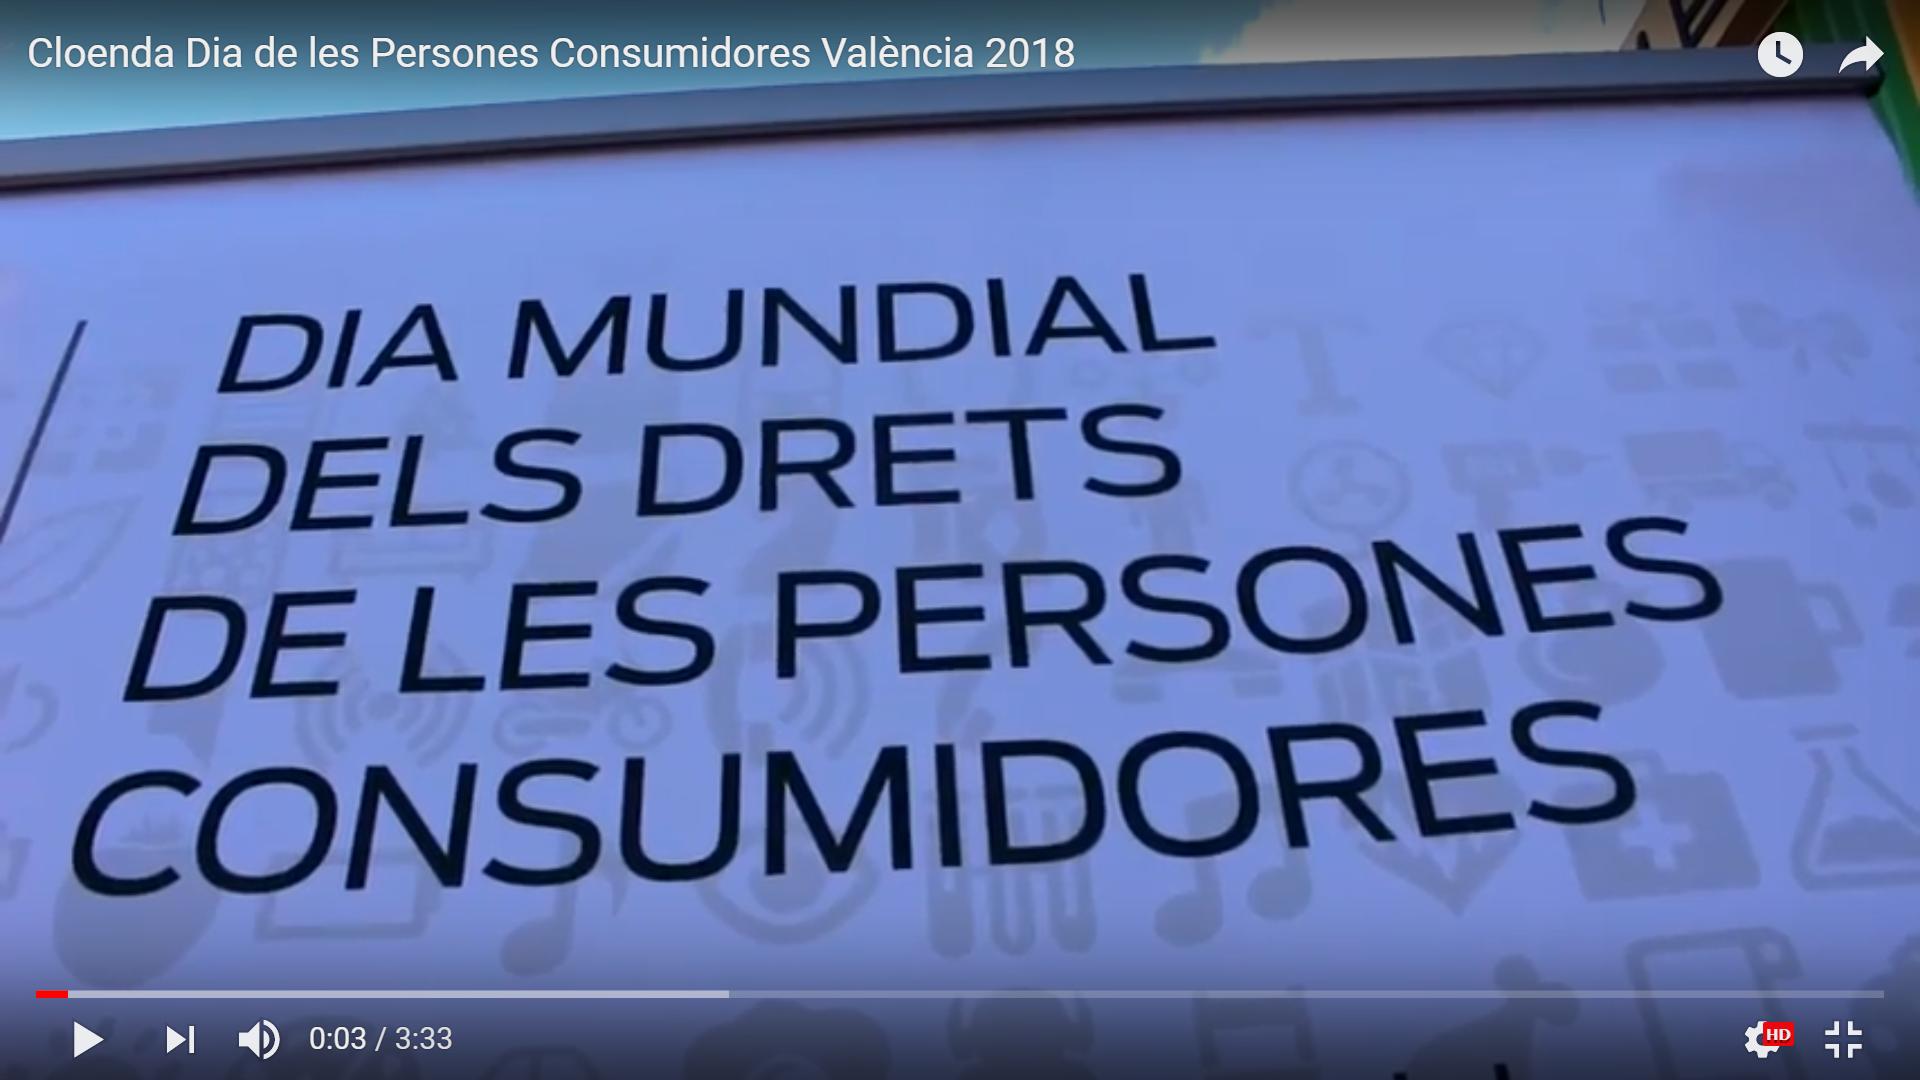 Portada Dia Mundial dels Drets de les Persones Consumidores